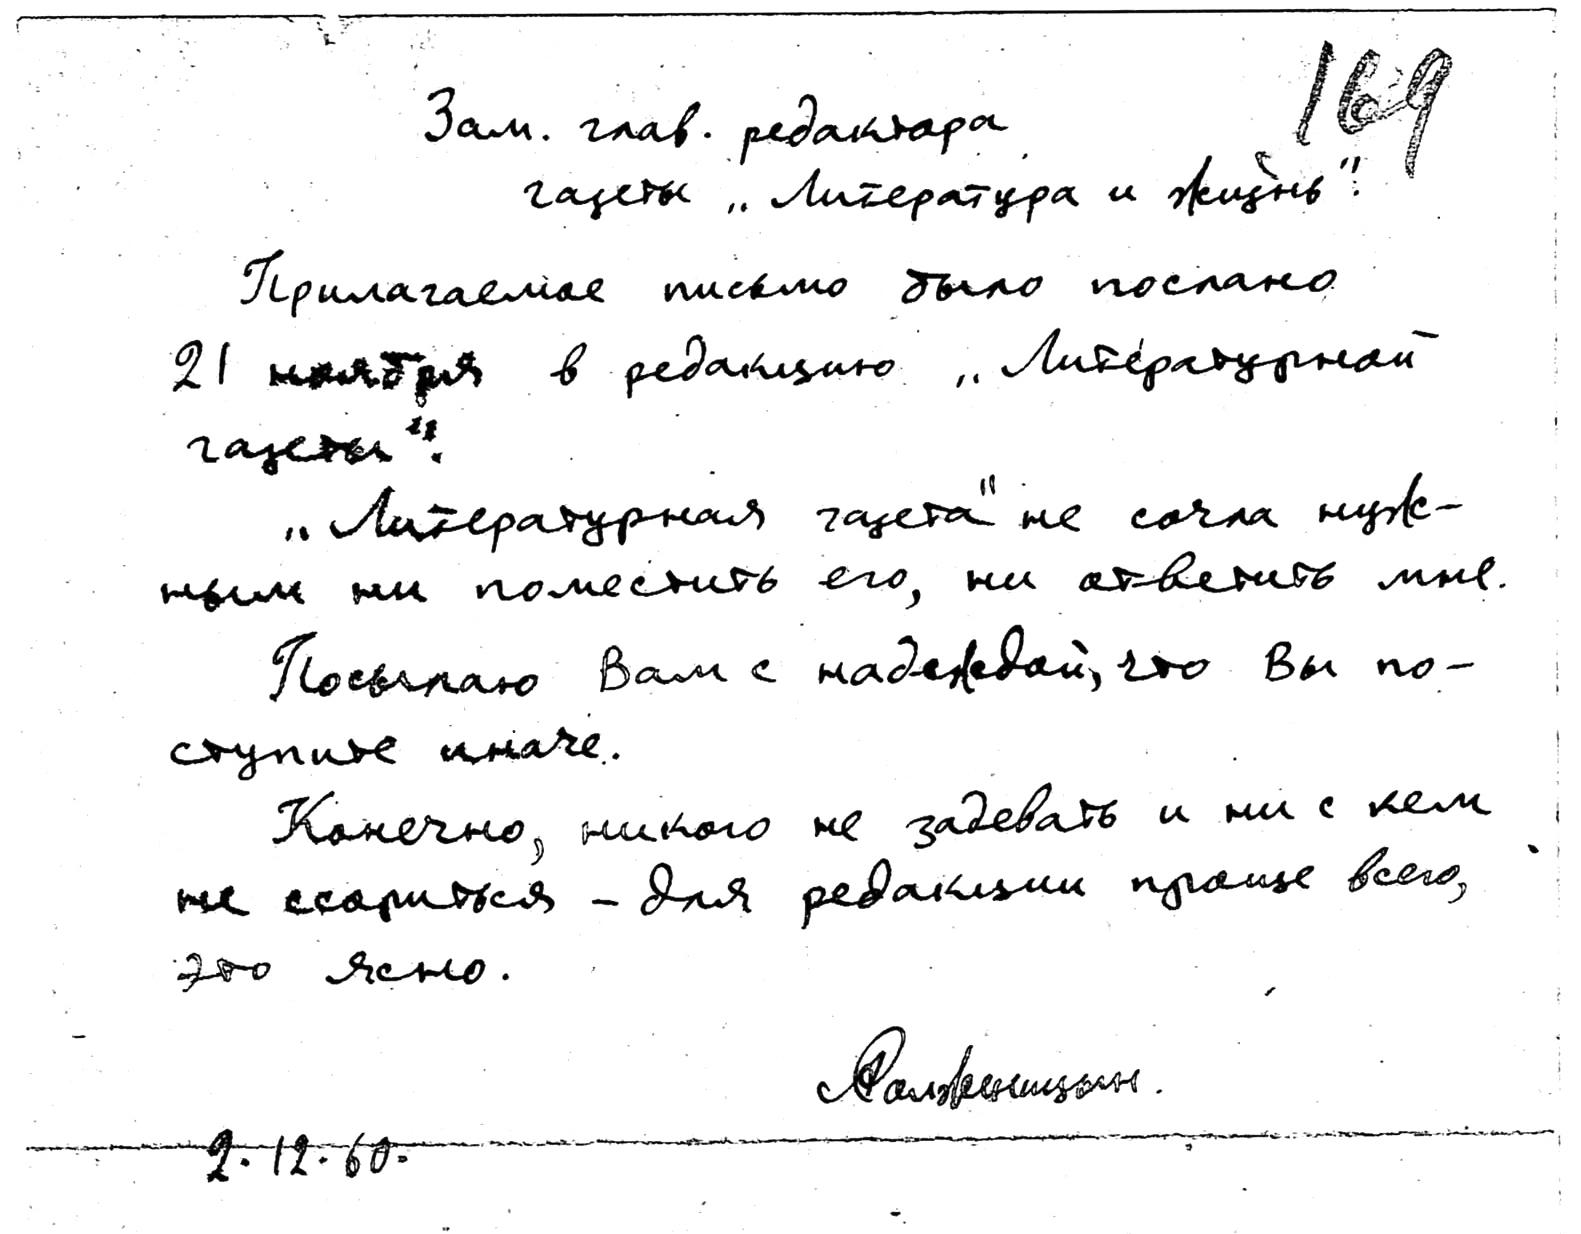 2 3 zapiska Solzhenitsyna